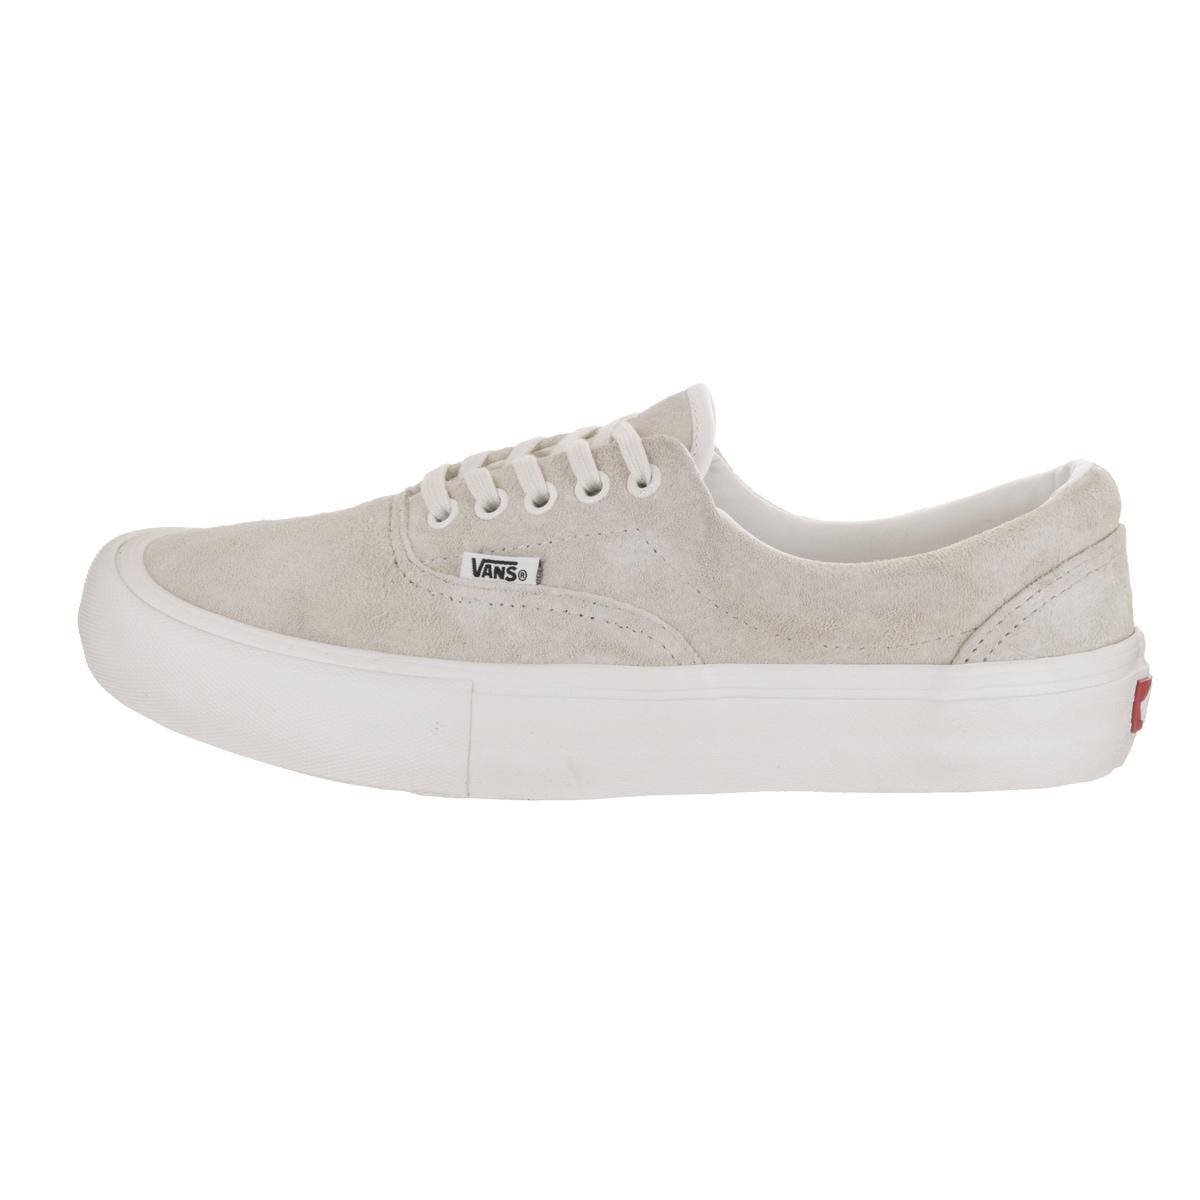 vans blanche 32